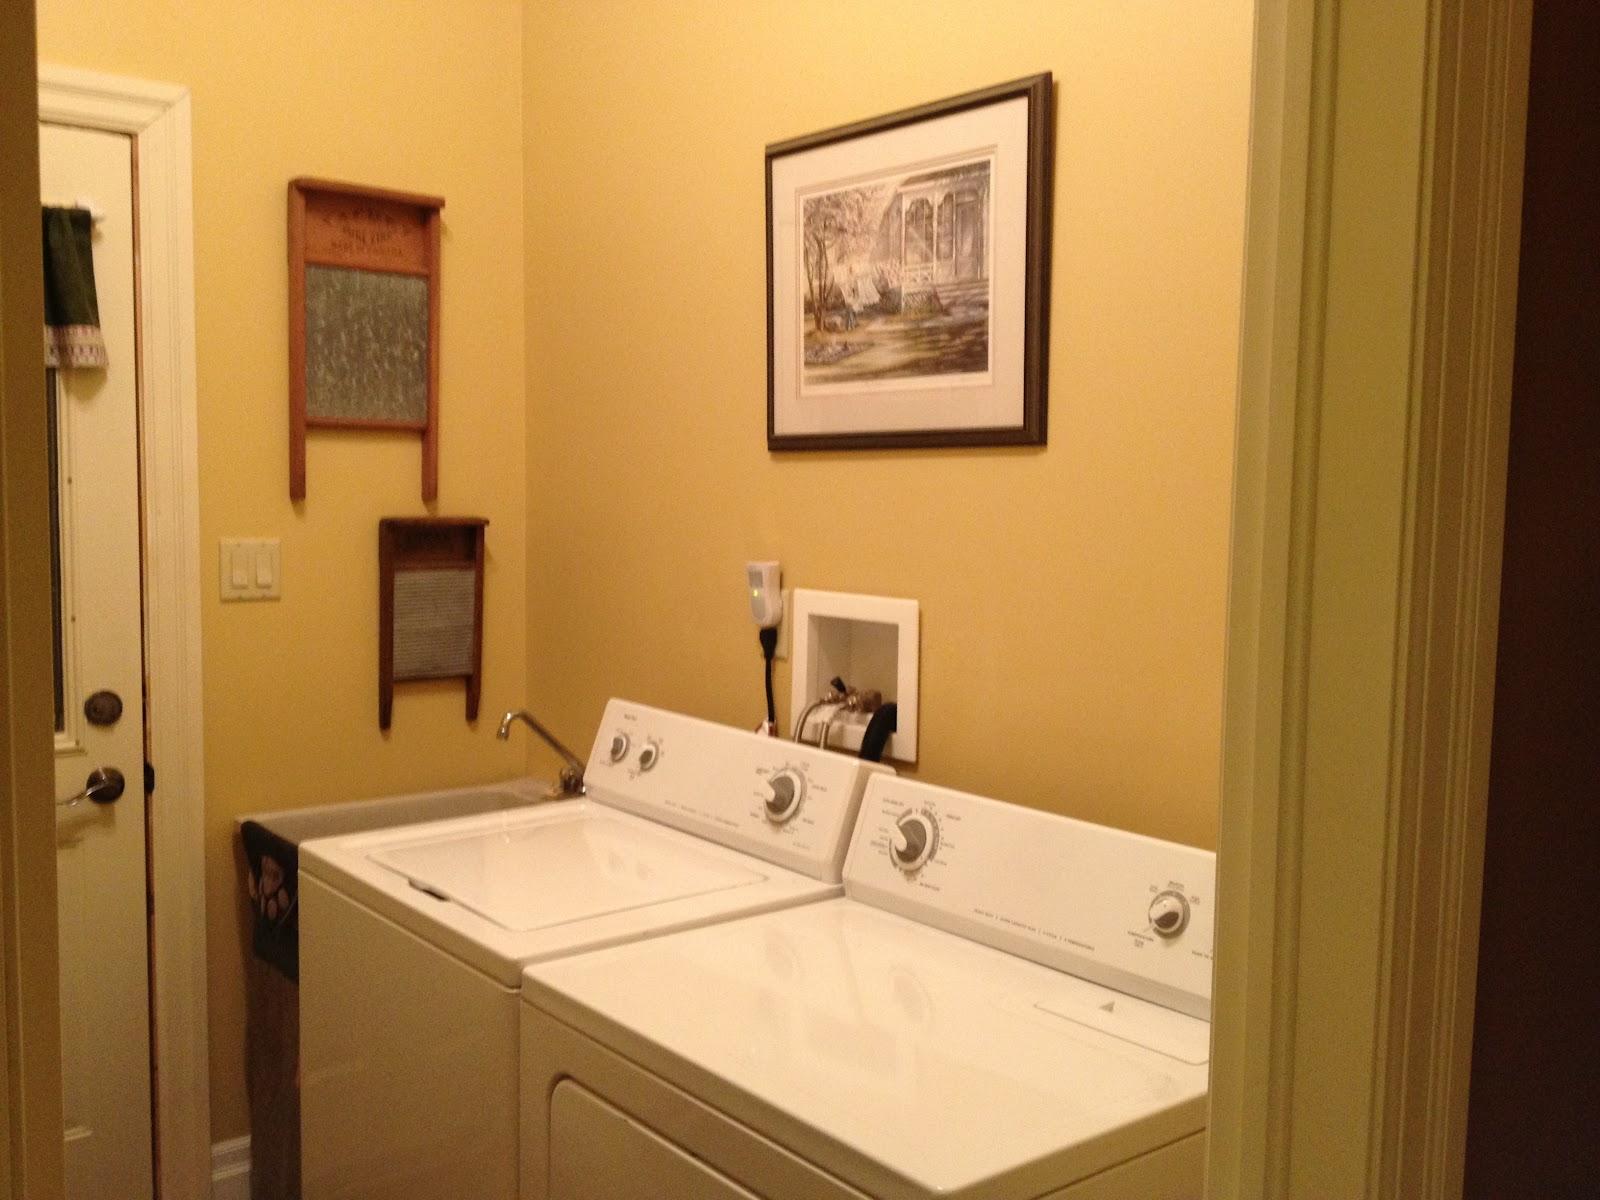 Laundry Room Shelf Decor Design And Ideas